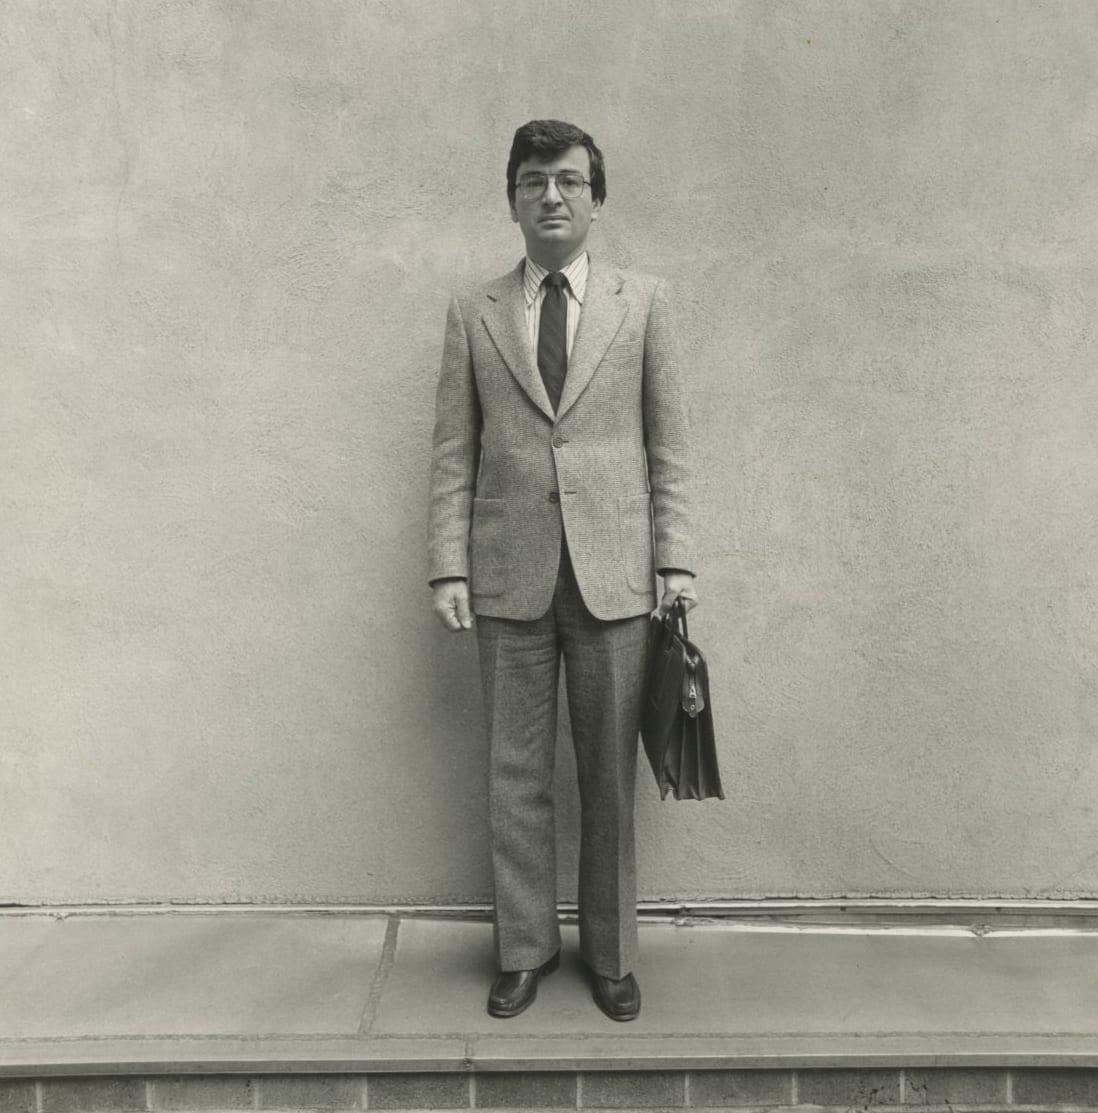 Arthur Tress, Small Jewish Trades, Salesman, NY, 1984